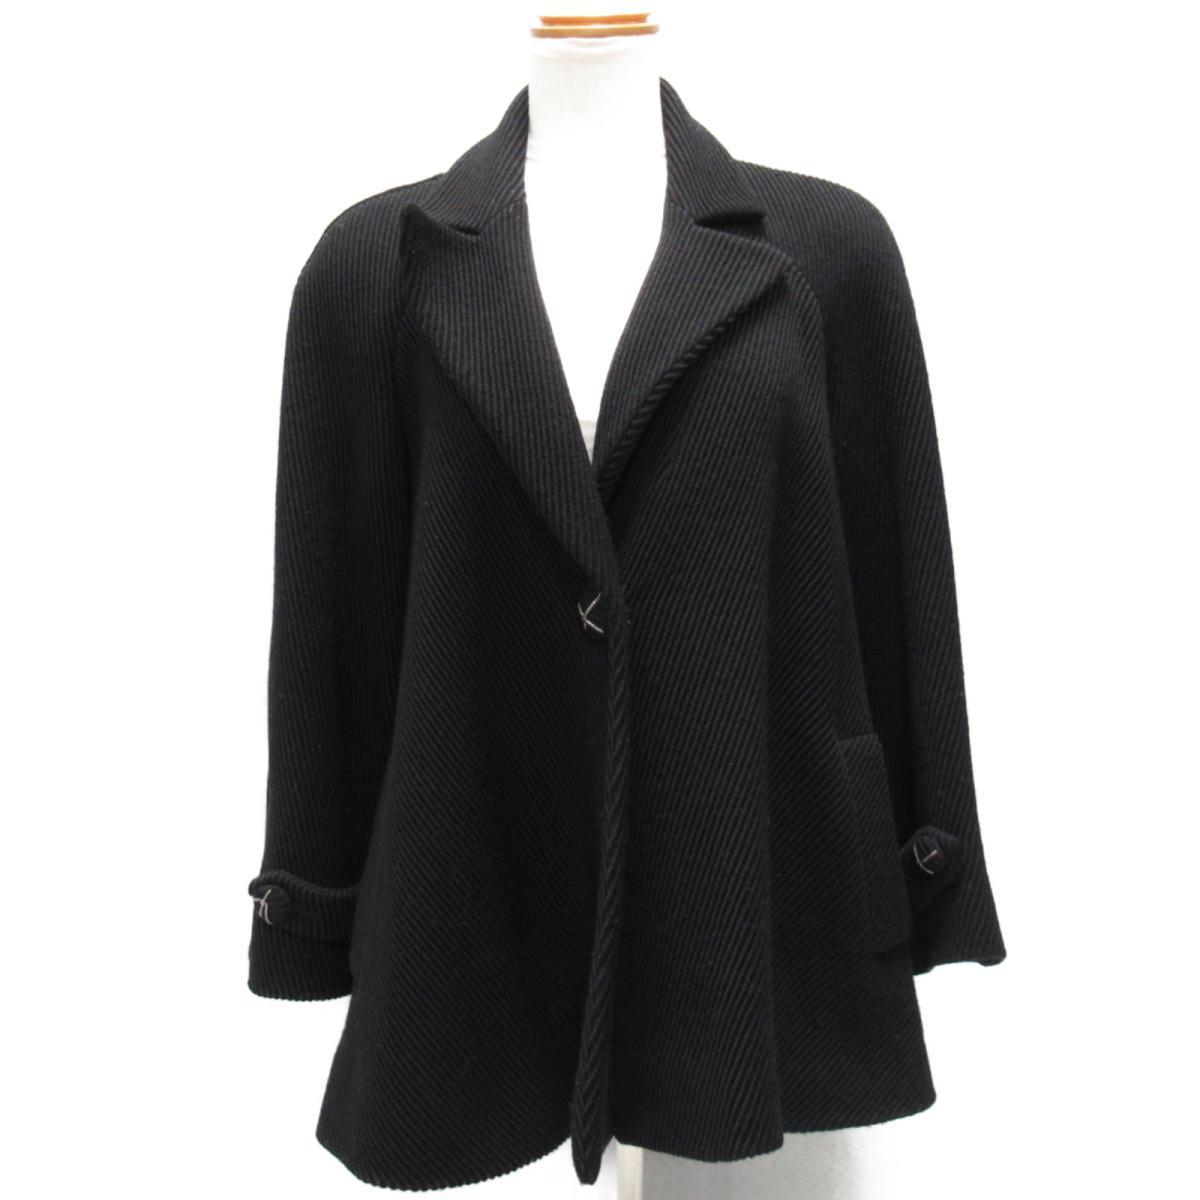 【中古】 シャネル ジャケット レディース ウール ブラック | CHANEL BRANDOFF ブランドオフ 衣料品 衣類 ブランド アウター コート